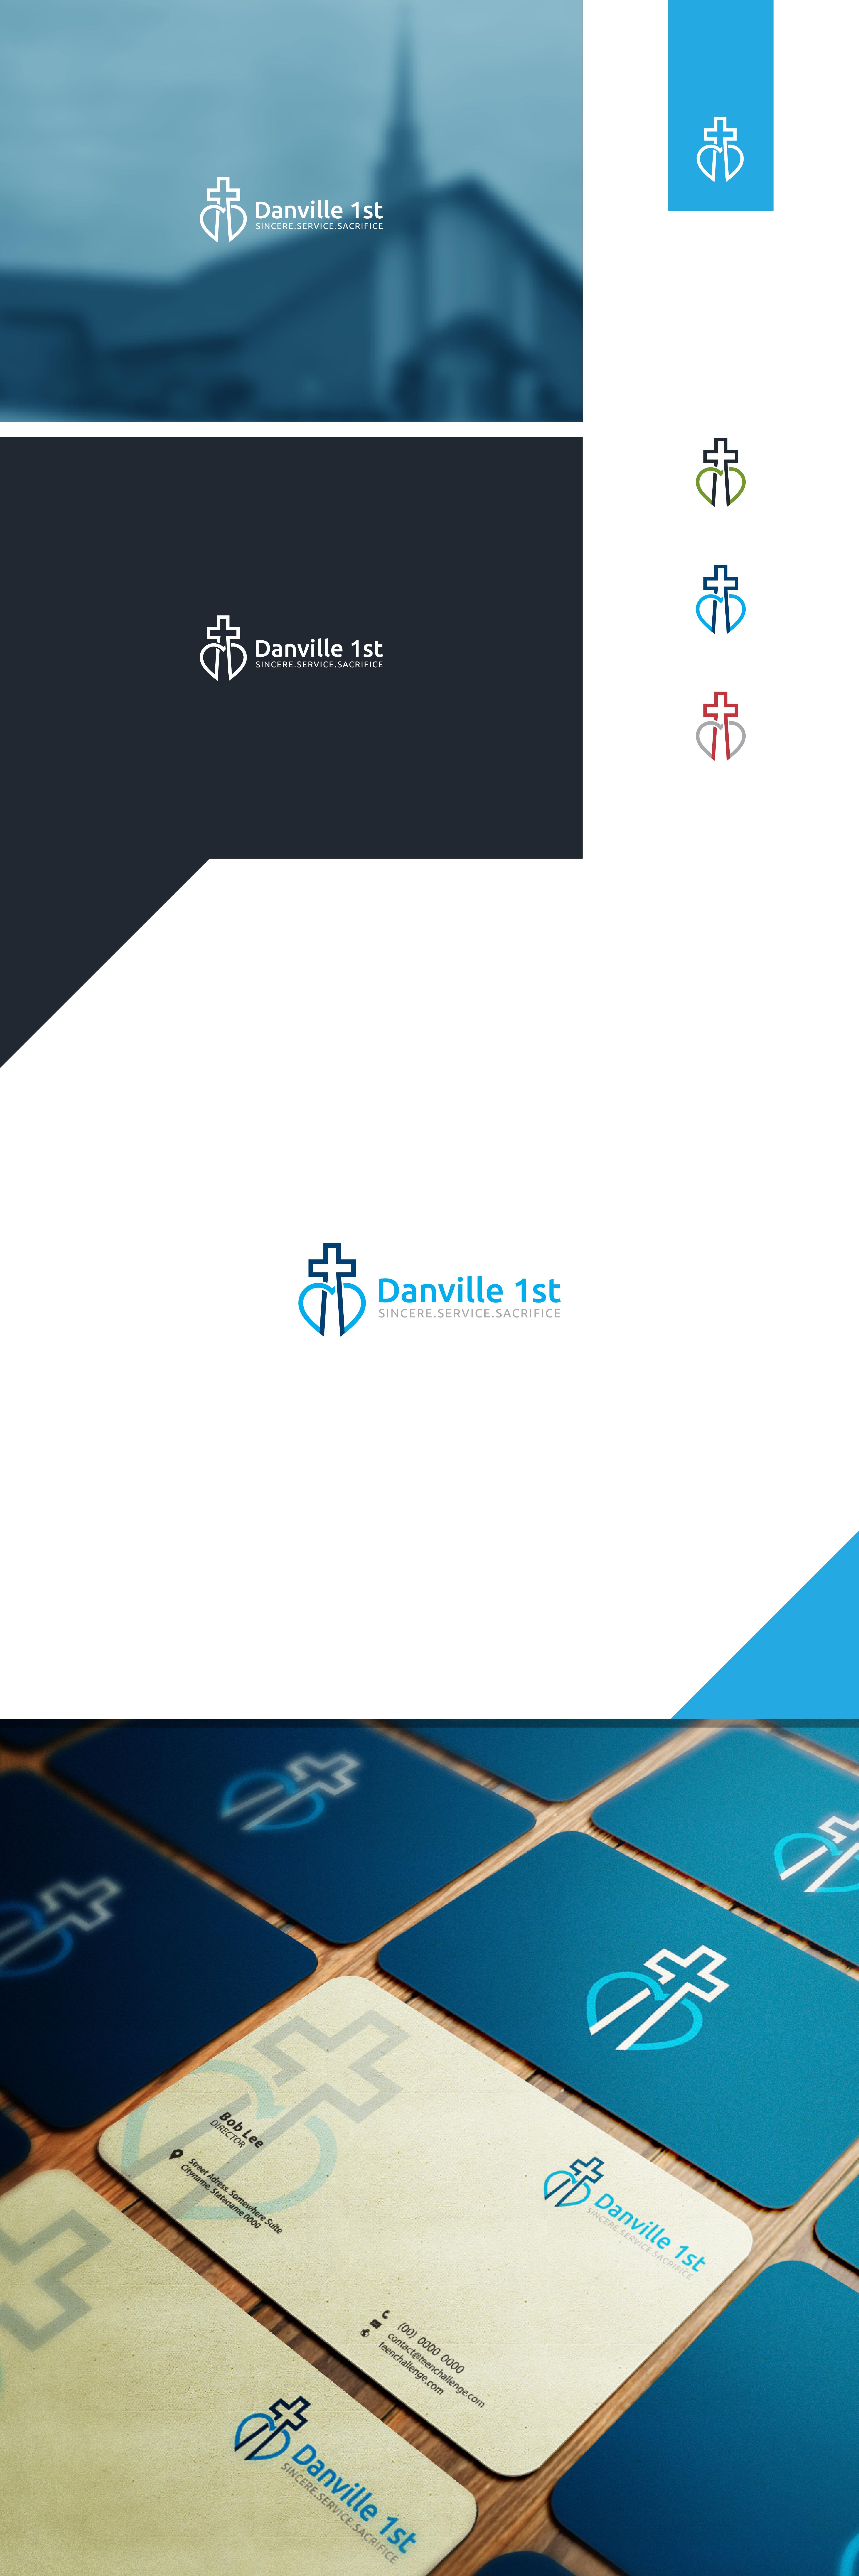 D1 Church logo